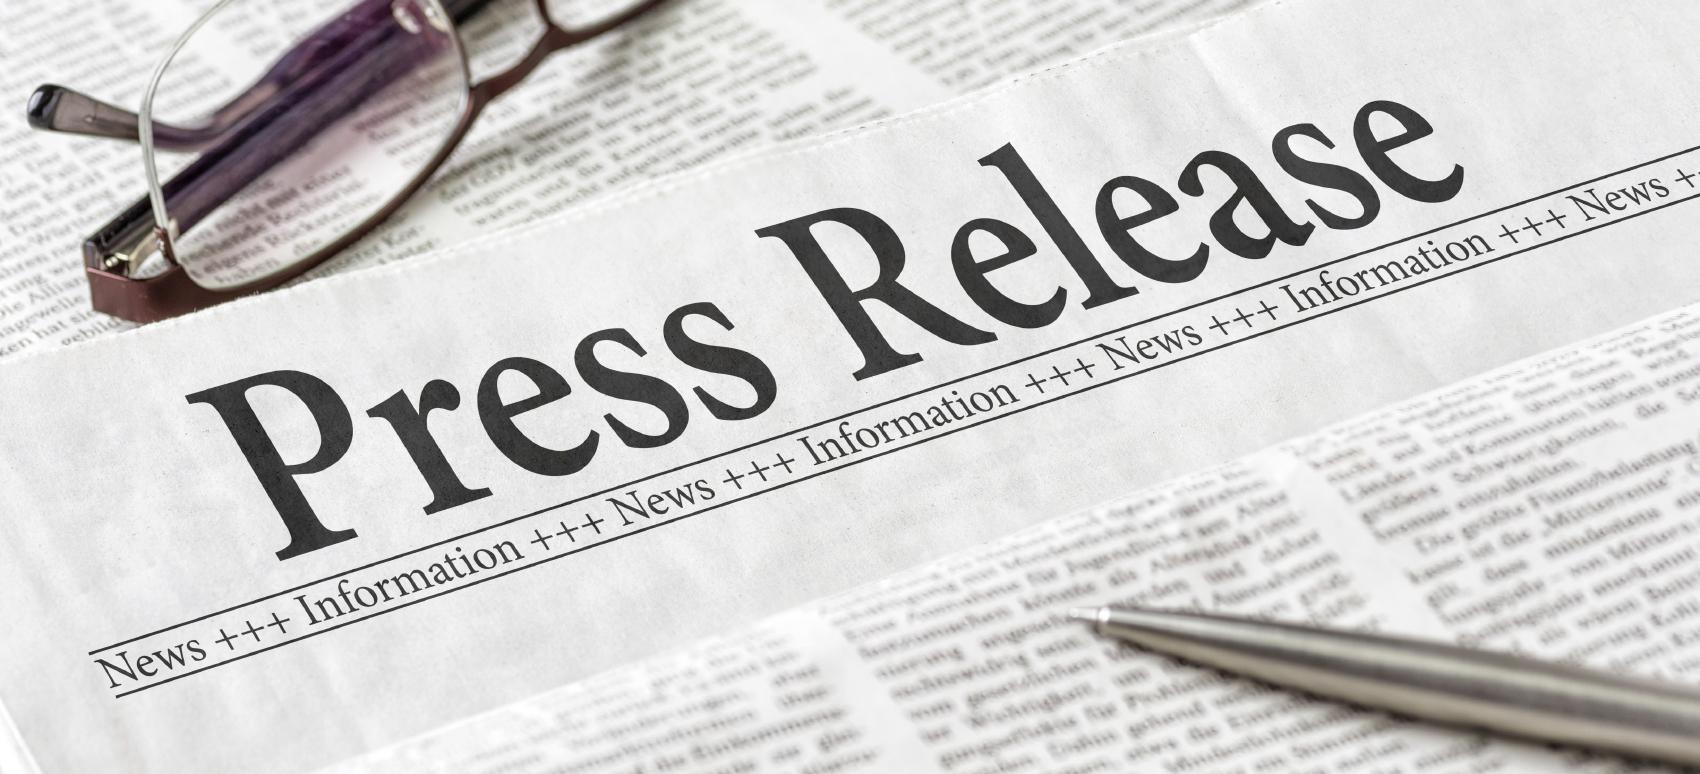 Breaking News press release